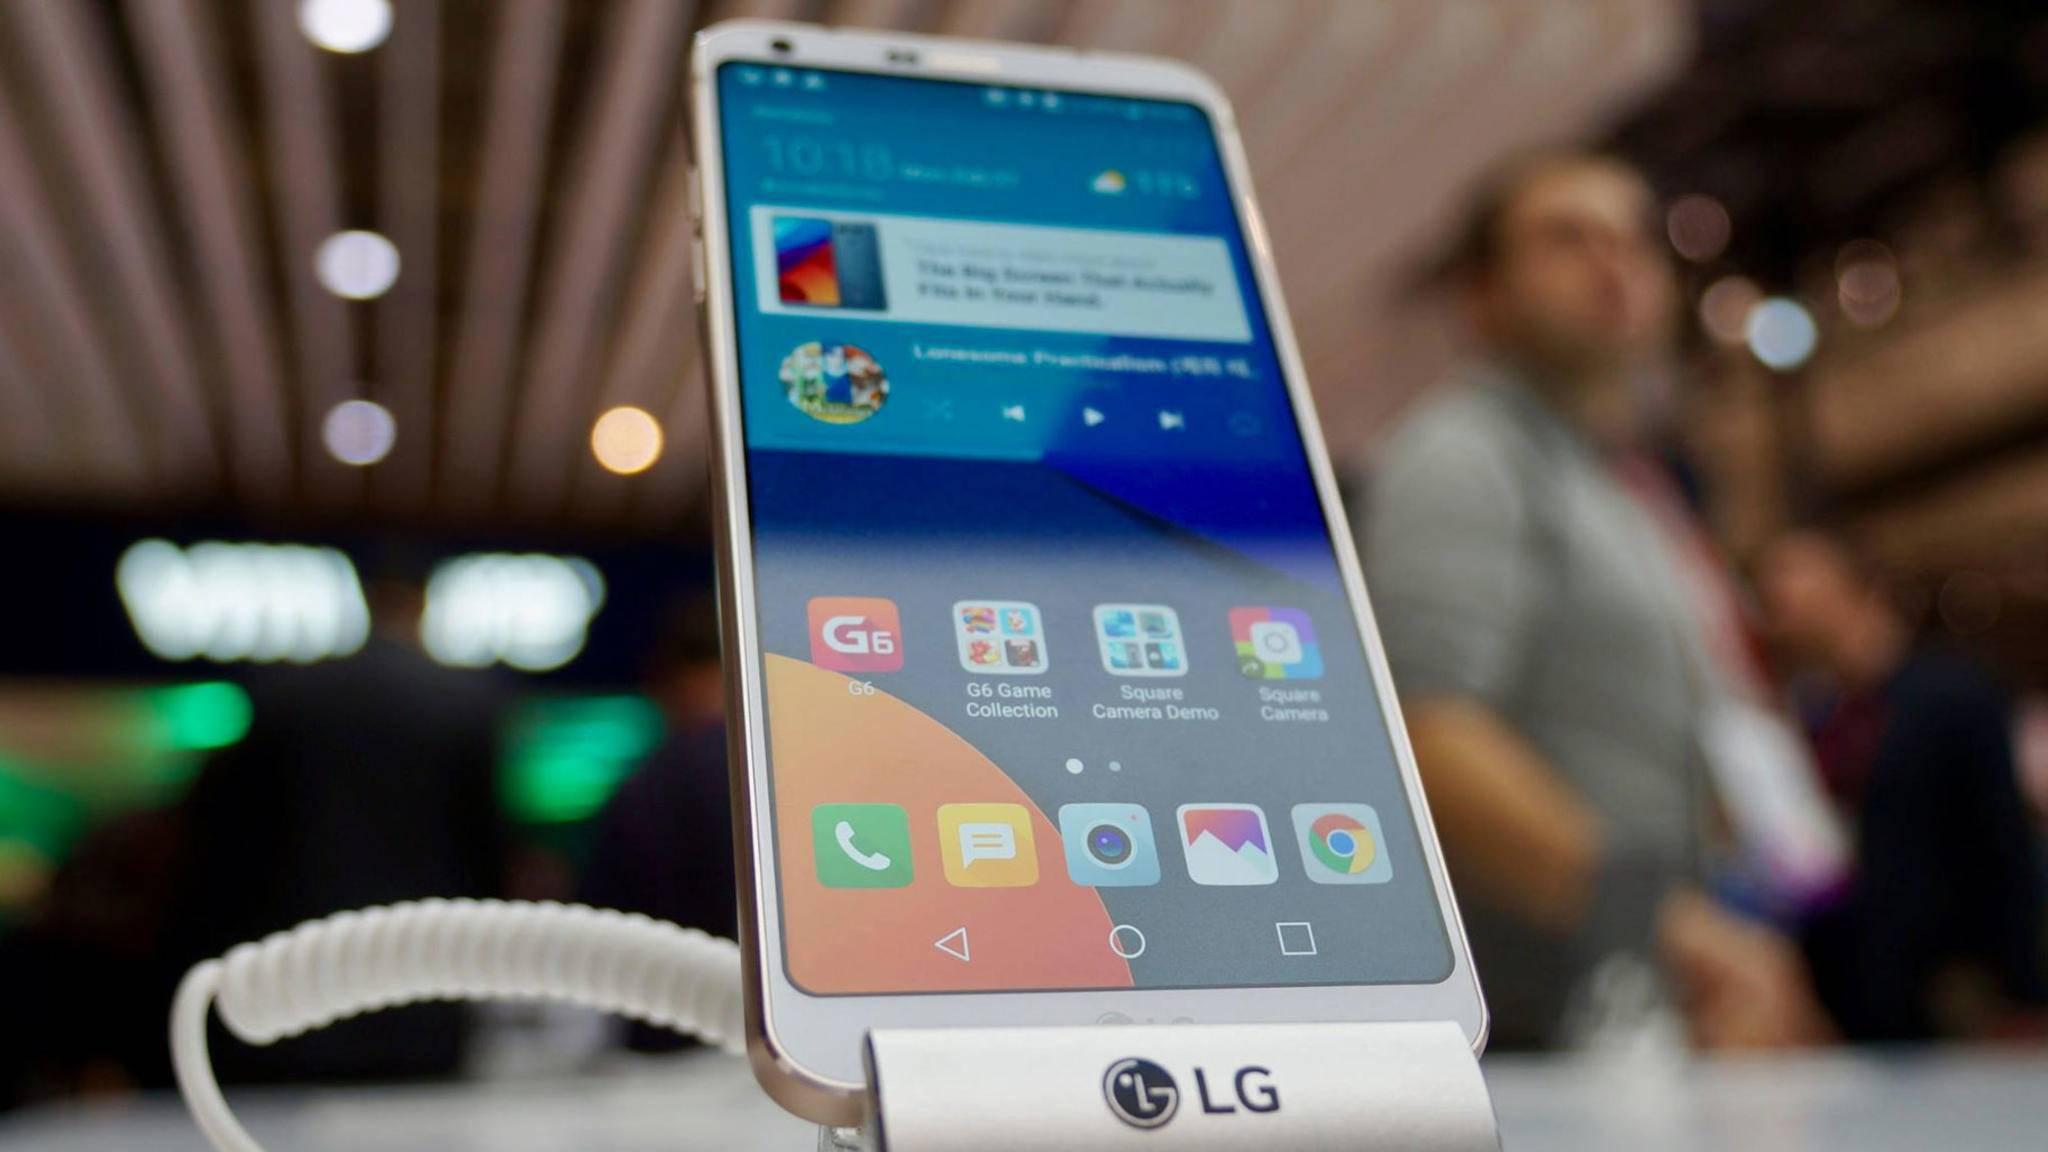 Der Release des LG G6 findet wohl Anfang April statt.